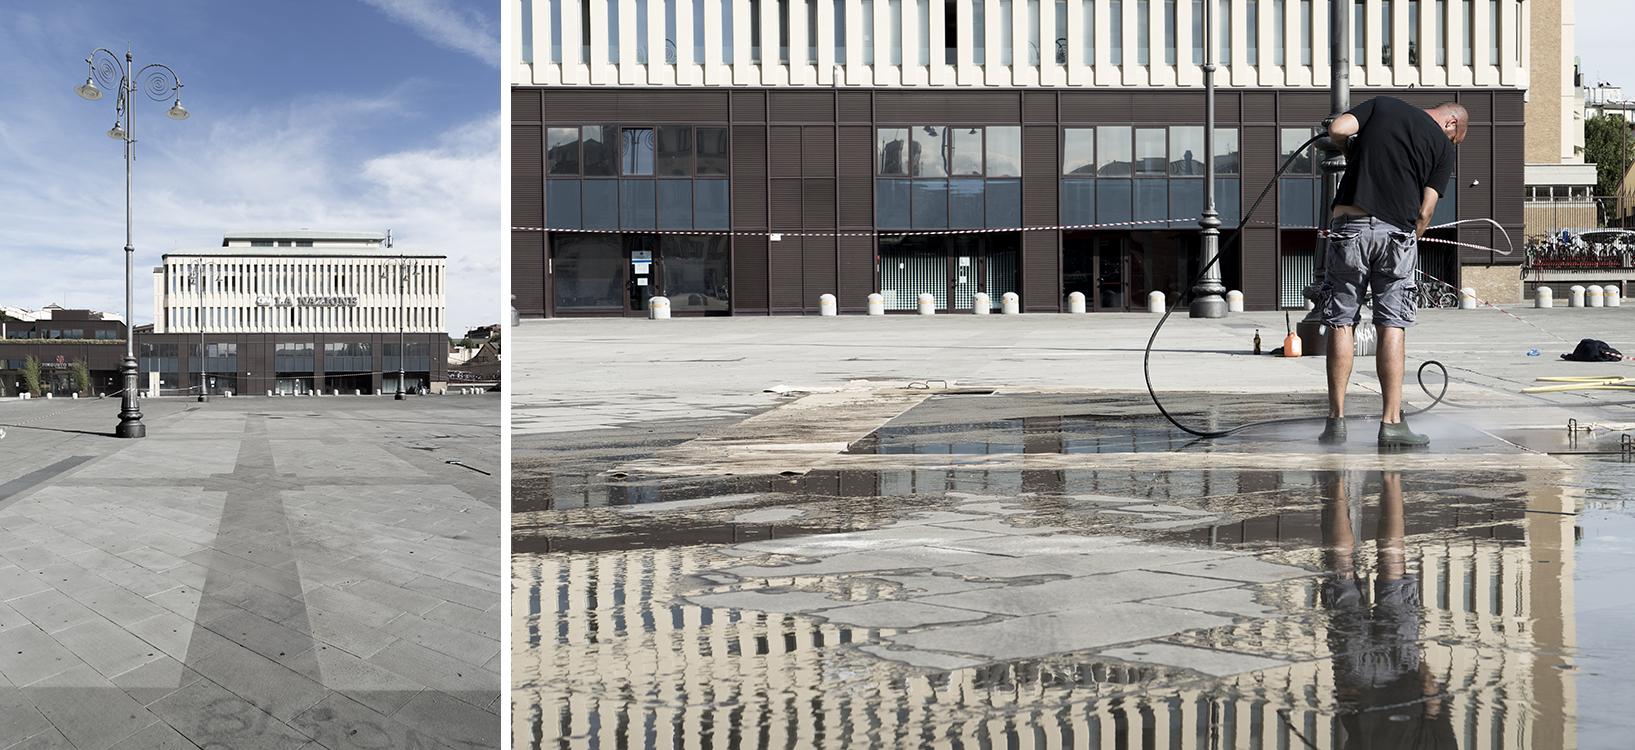 Il giardino cancellato - Architettura elisa per Largo Annigoni, Firenze, Intervento d'arte nello spazio pubblico (reverse graffiti), 2015